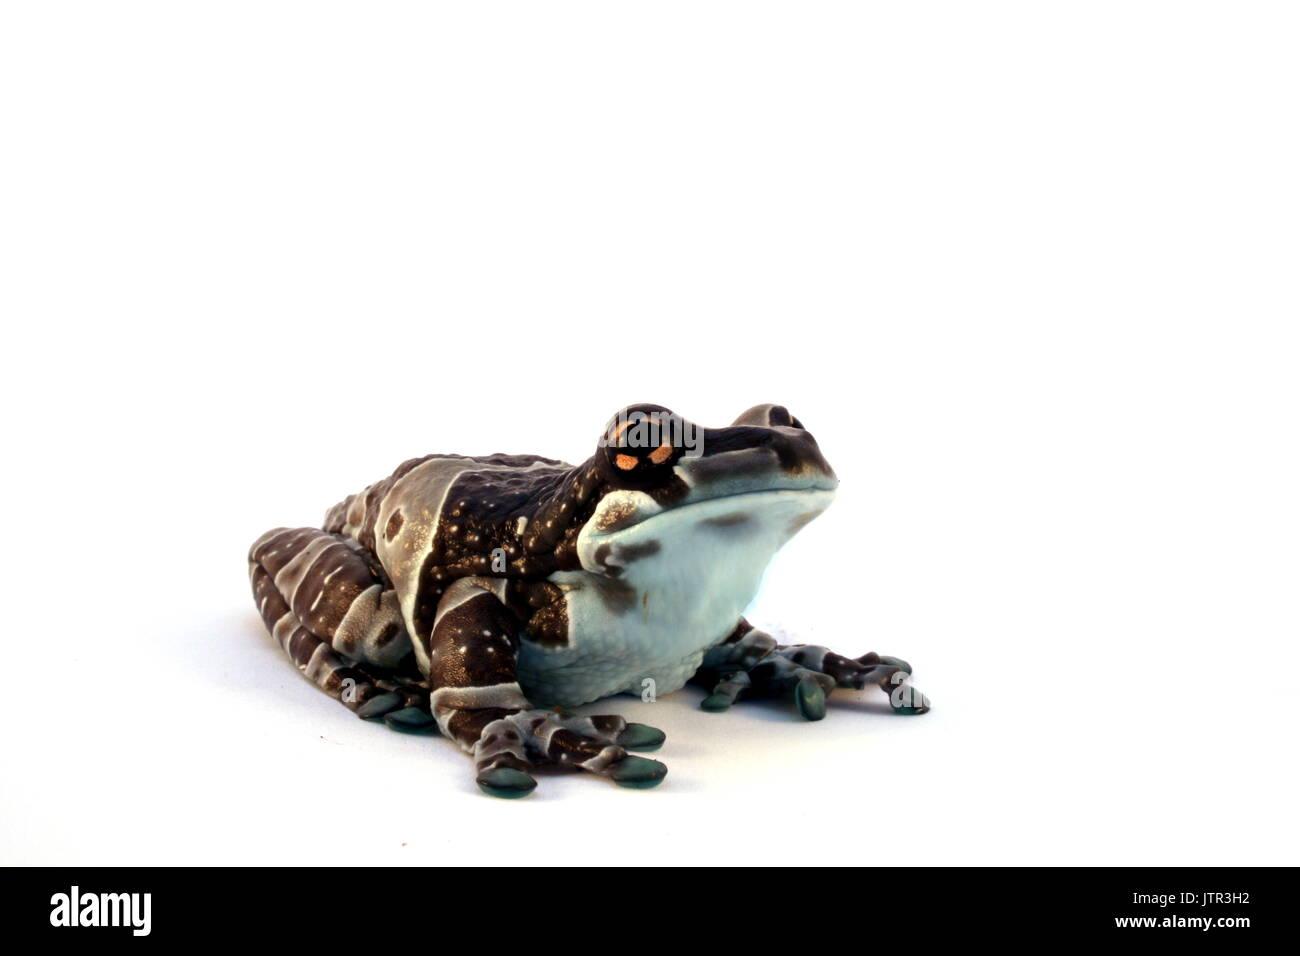 Amazon Milk Frog, Trachycephalus resinifictrix, Mission golden-eyed tree frog, Amazonian Treefrog on White Background, Brazil, Captive - Stock Image